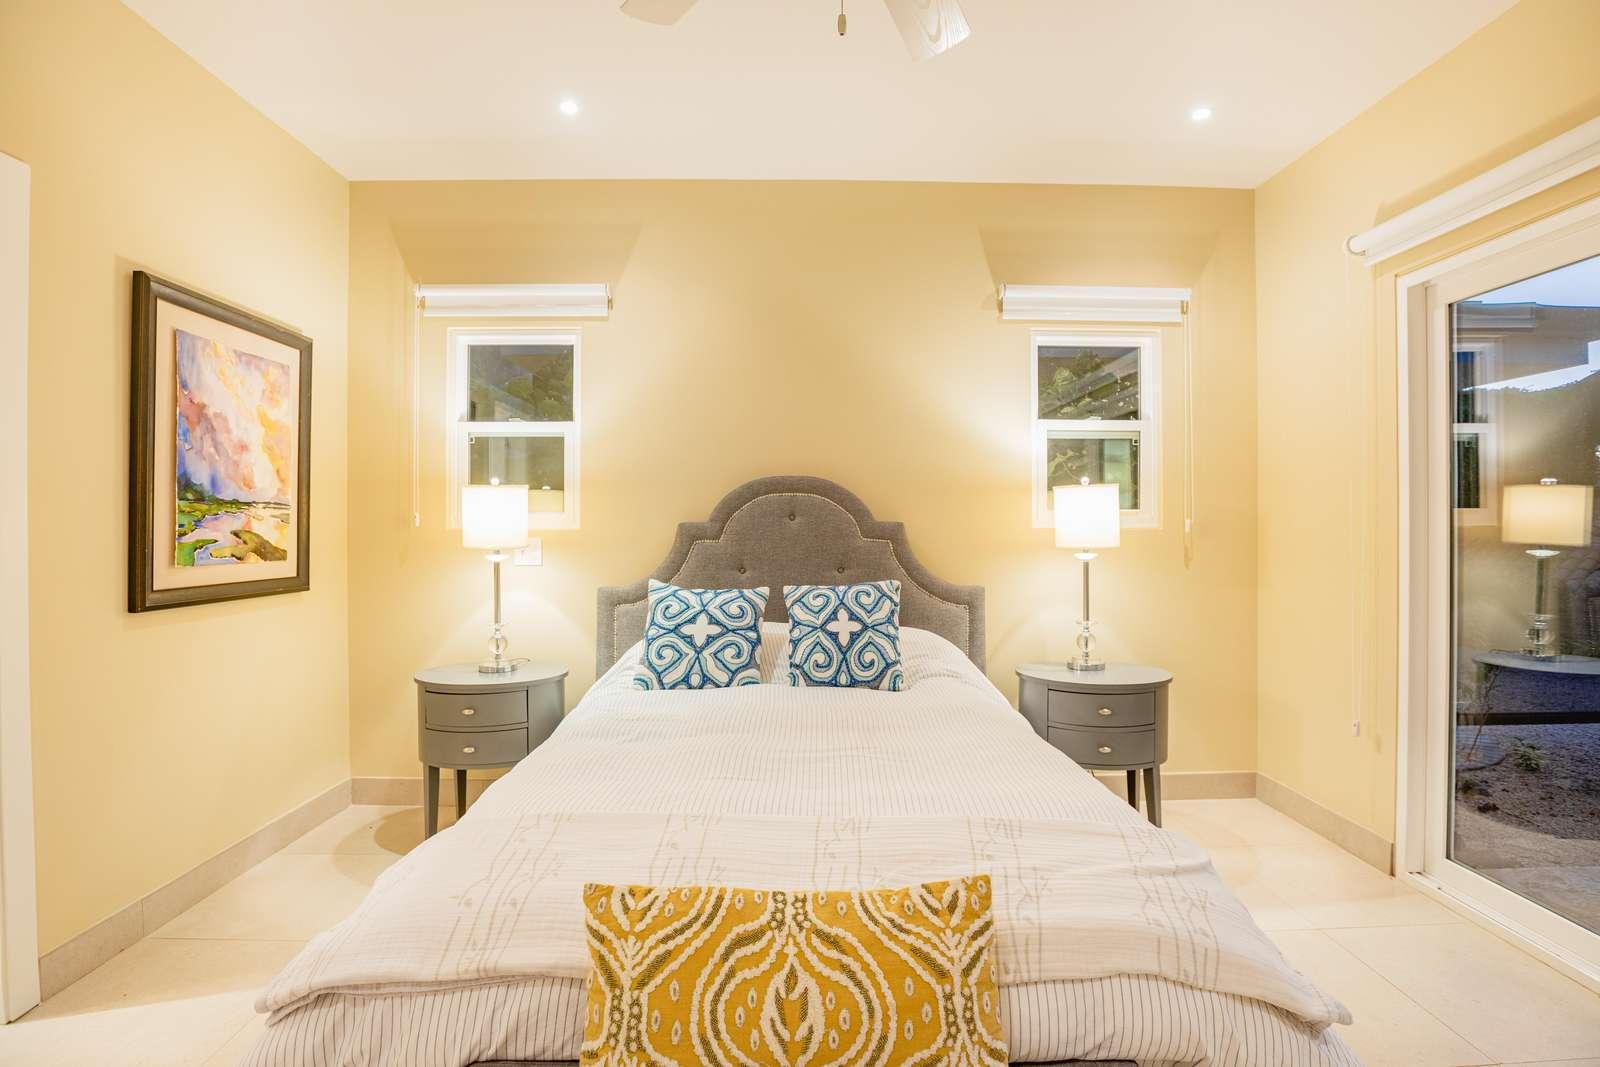 Guest Bedroom, Queen bedroom, full bathroom